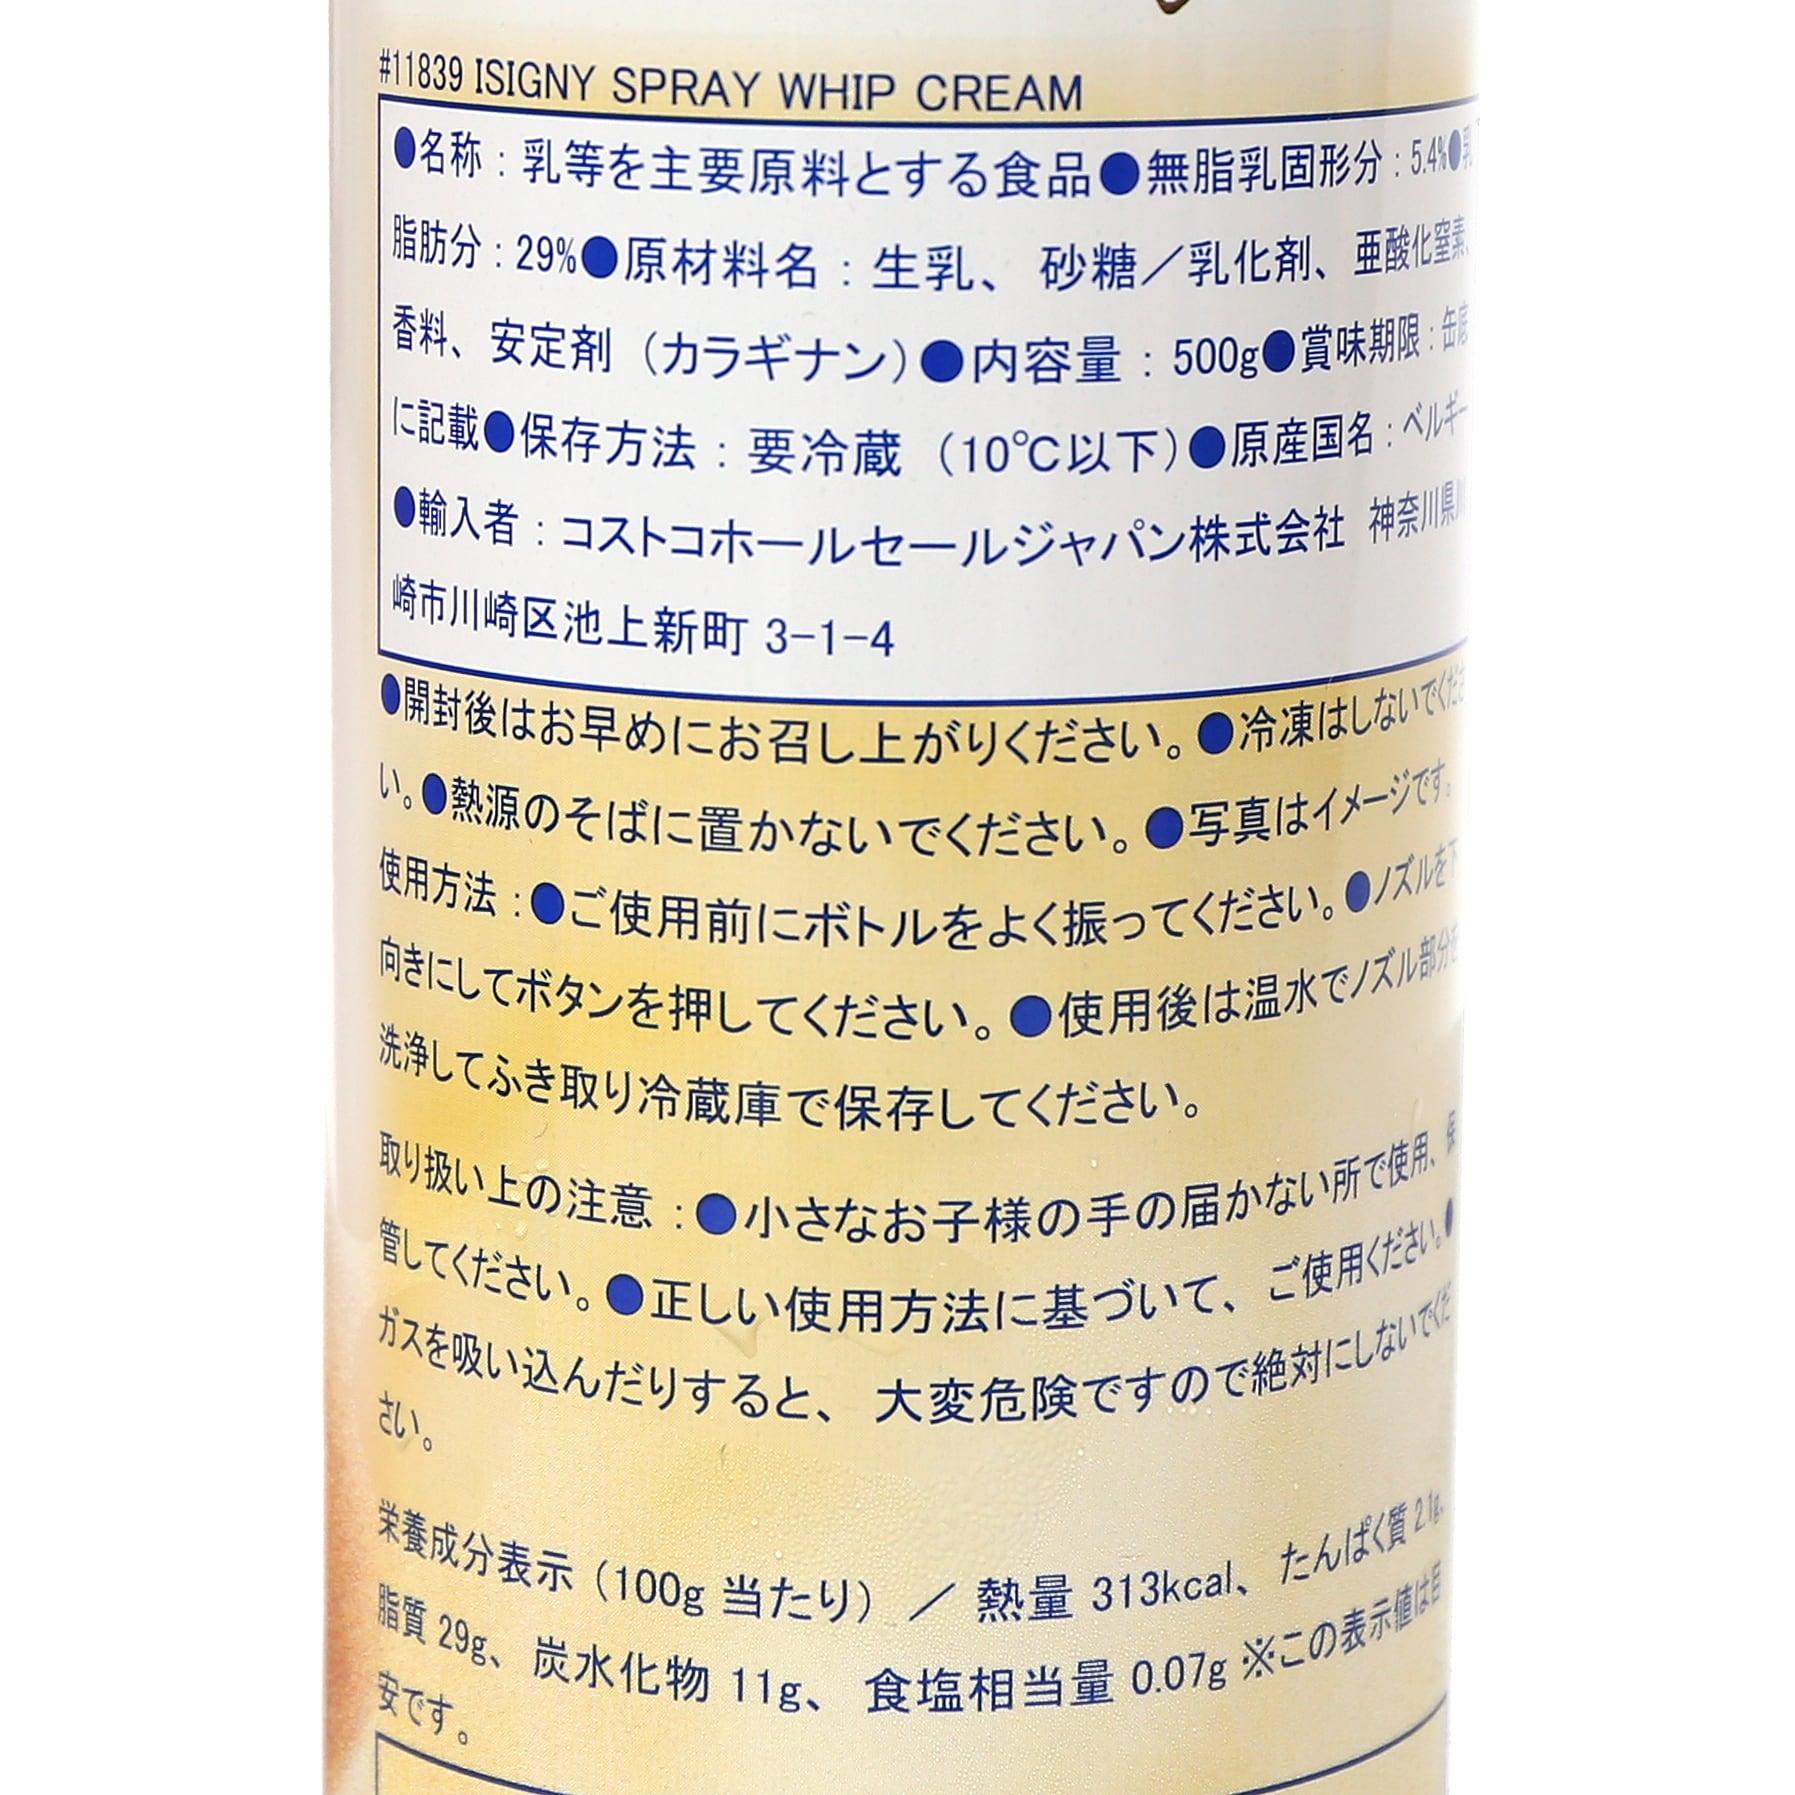 イズニーサントメール スプレーホイップ缶 500g 裏面ラベル(原材料・カロリーほか)